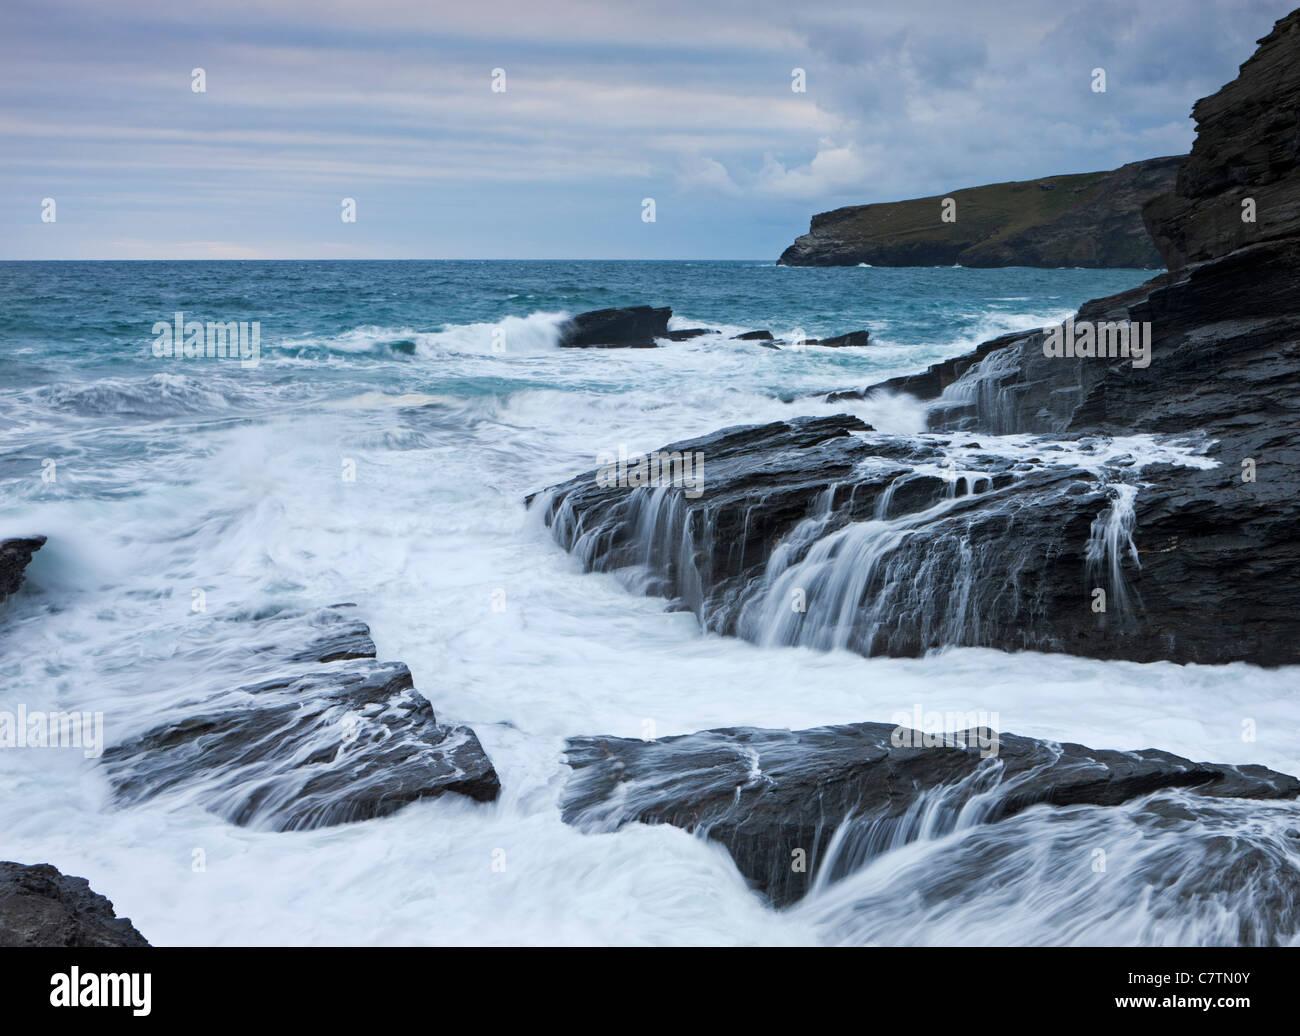 Feroz bloqueo olas del Atlántico a lo largo de los acantilados de pizarra oscura Trebarwith Strand, Cornwall, Imagen De Stock